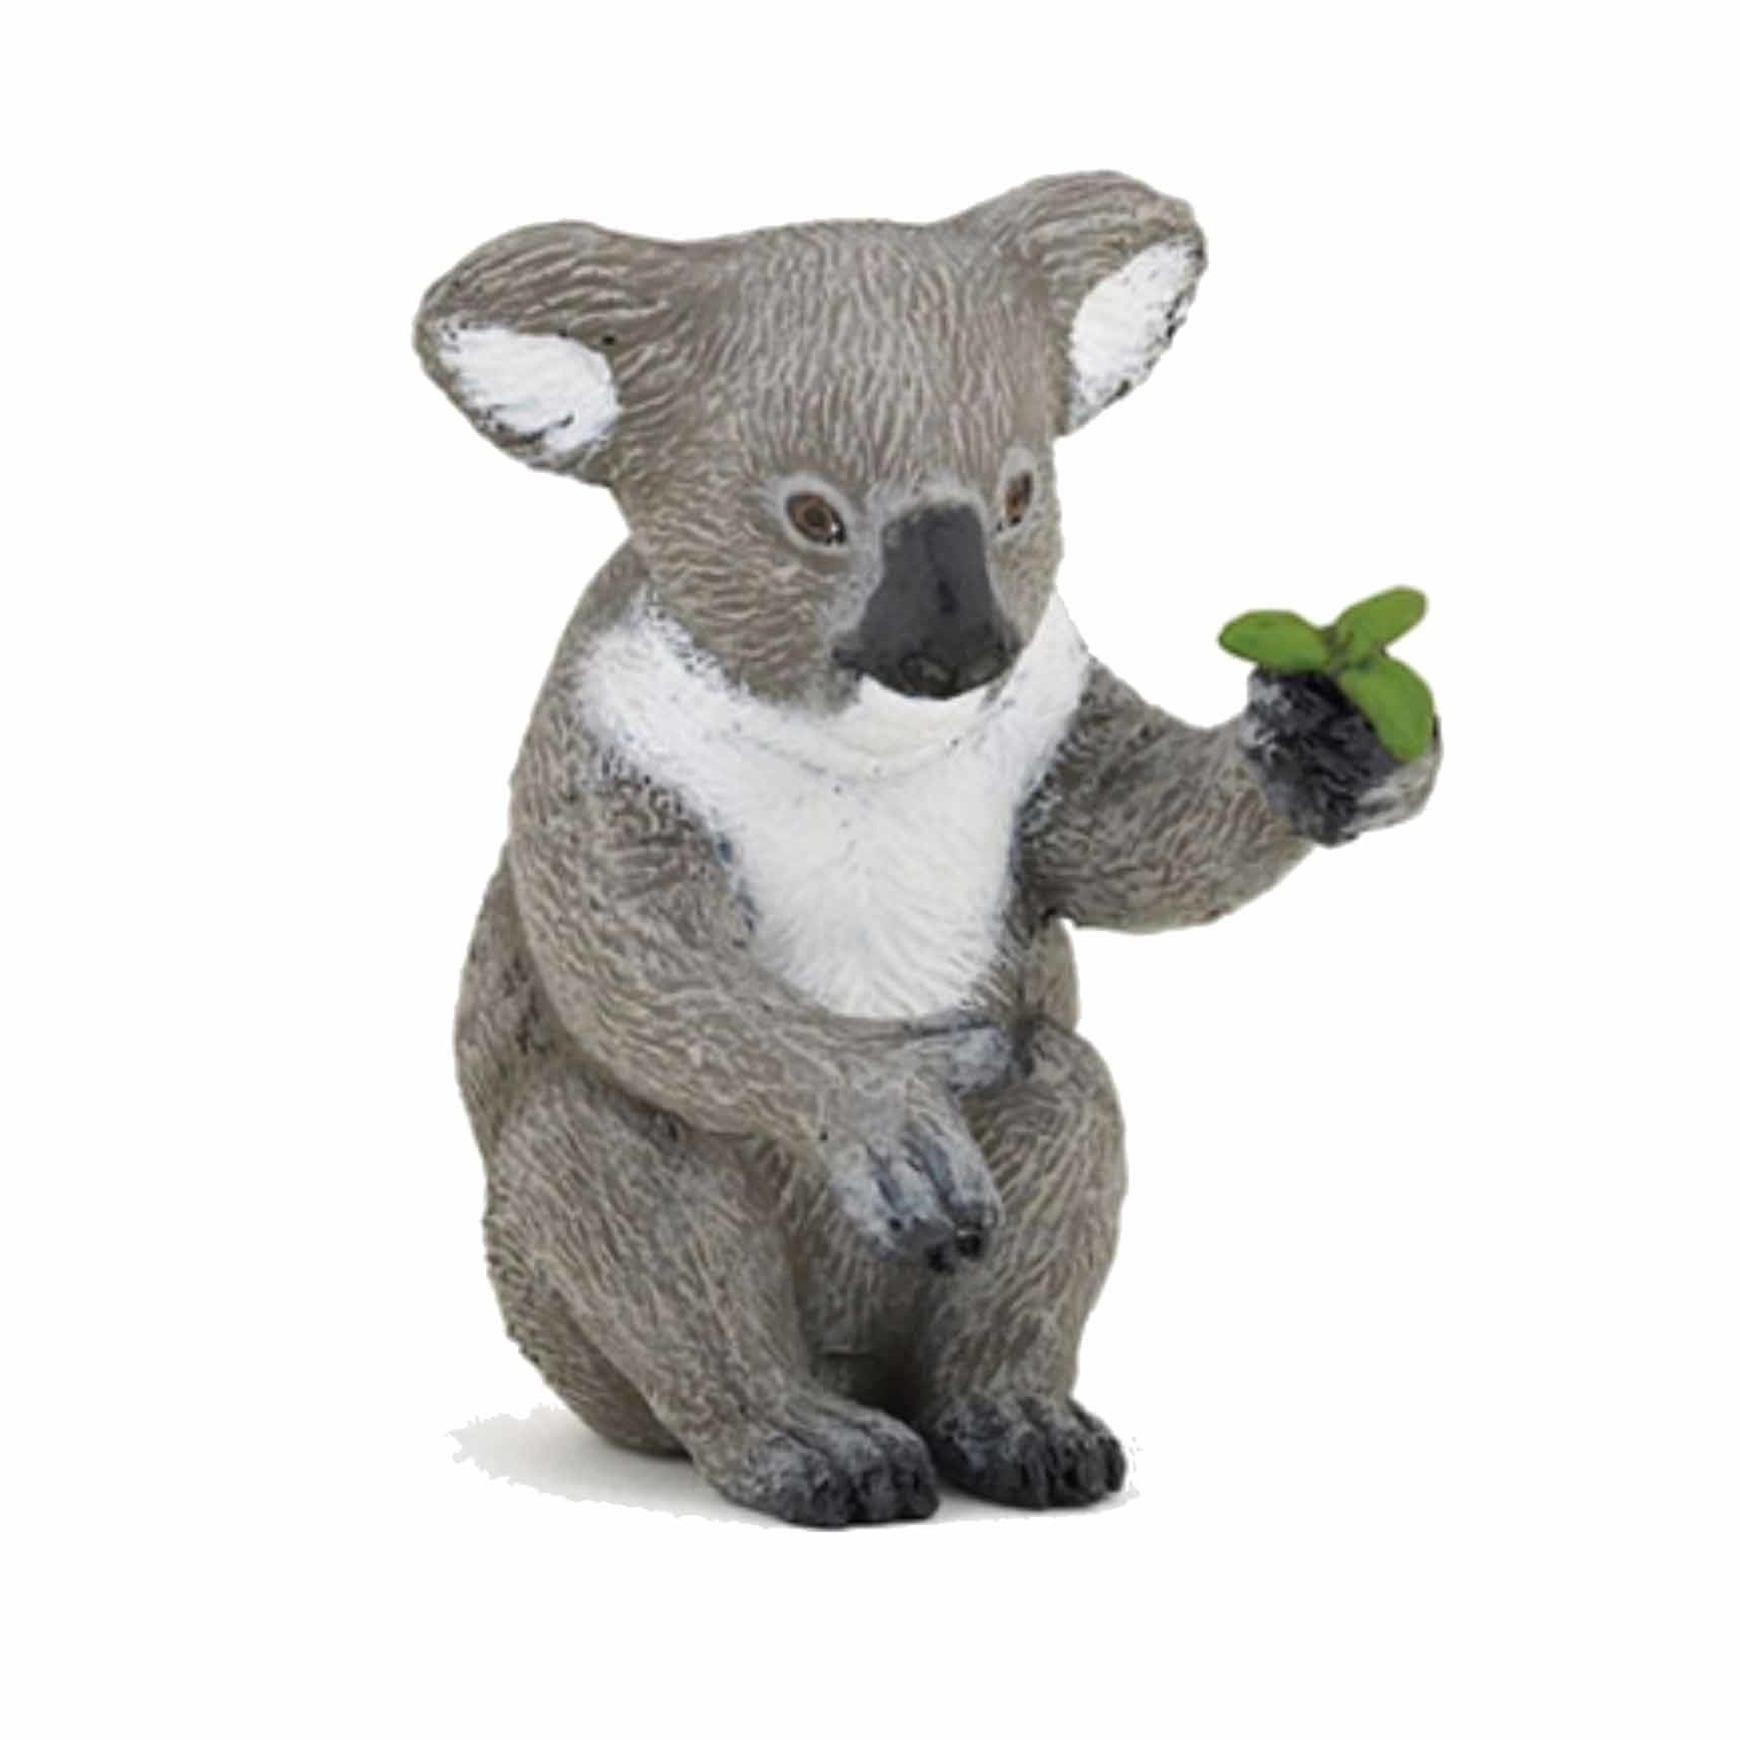 Plastic speelgoed figuur koala 6 cm